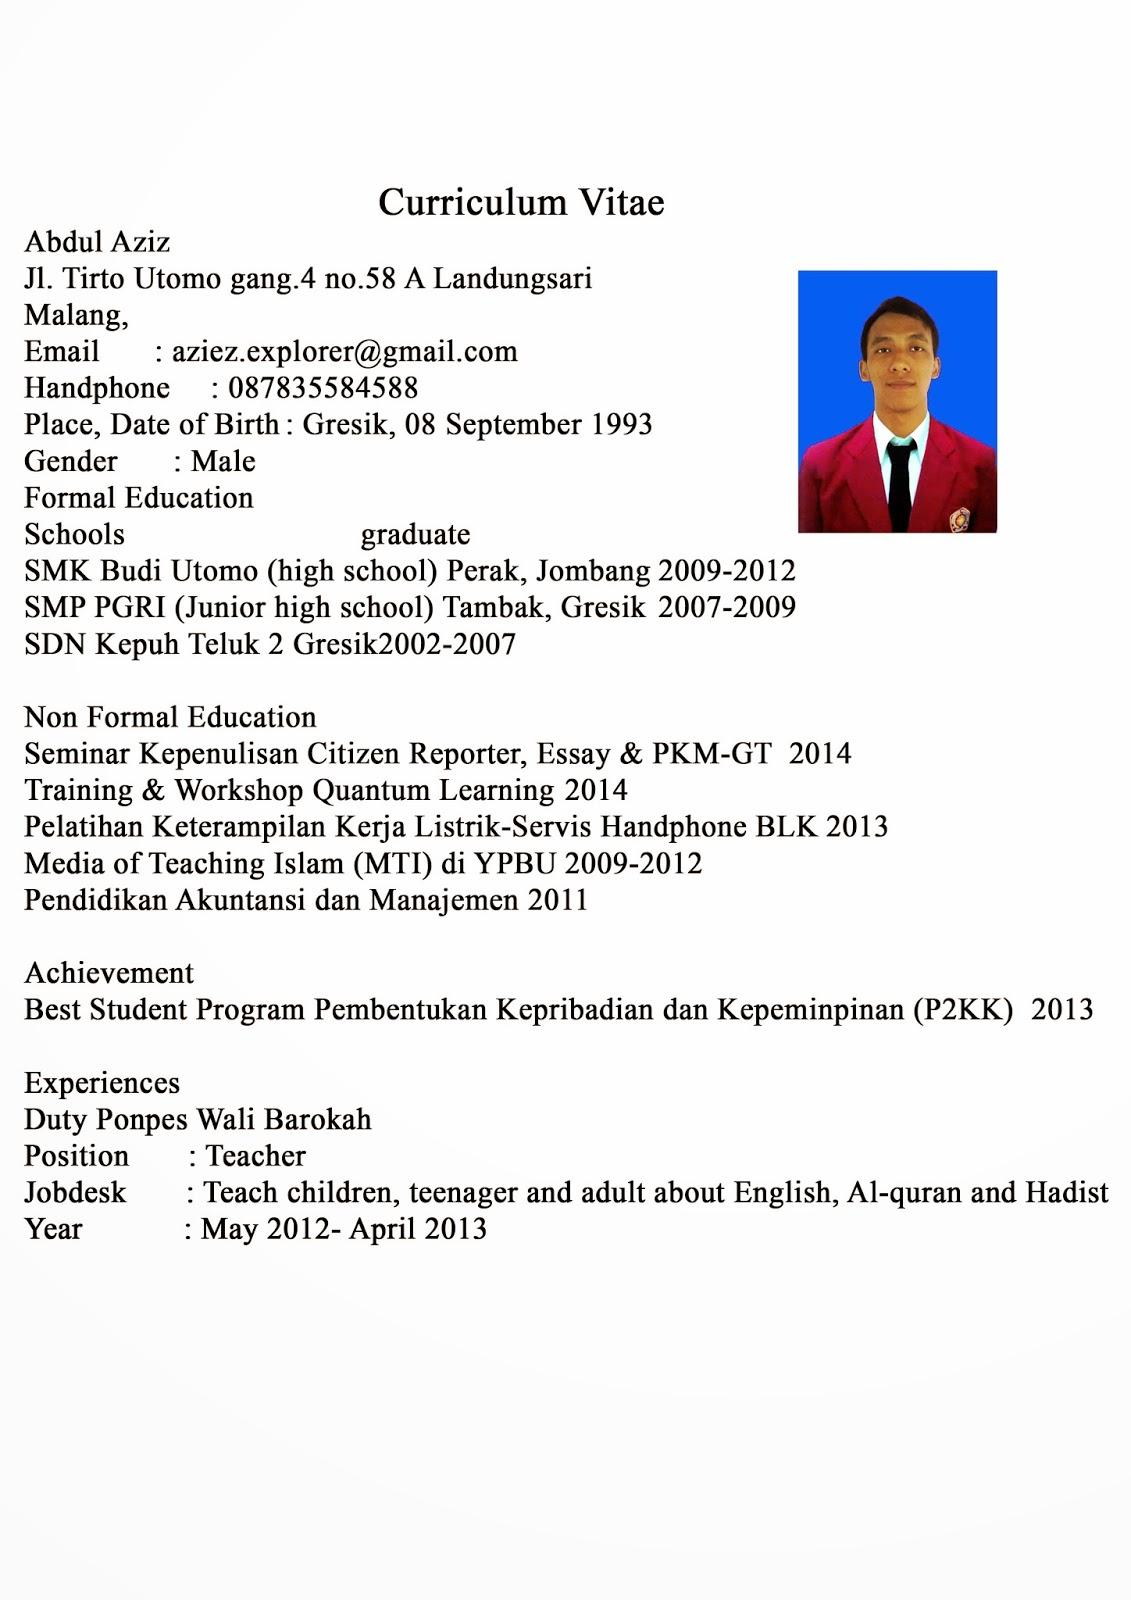 contoh CV yang benar dan baik | Free Android 10bangsa belajar